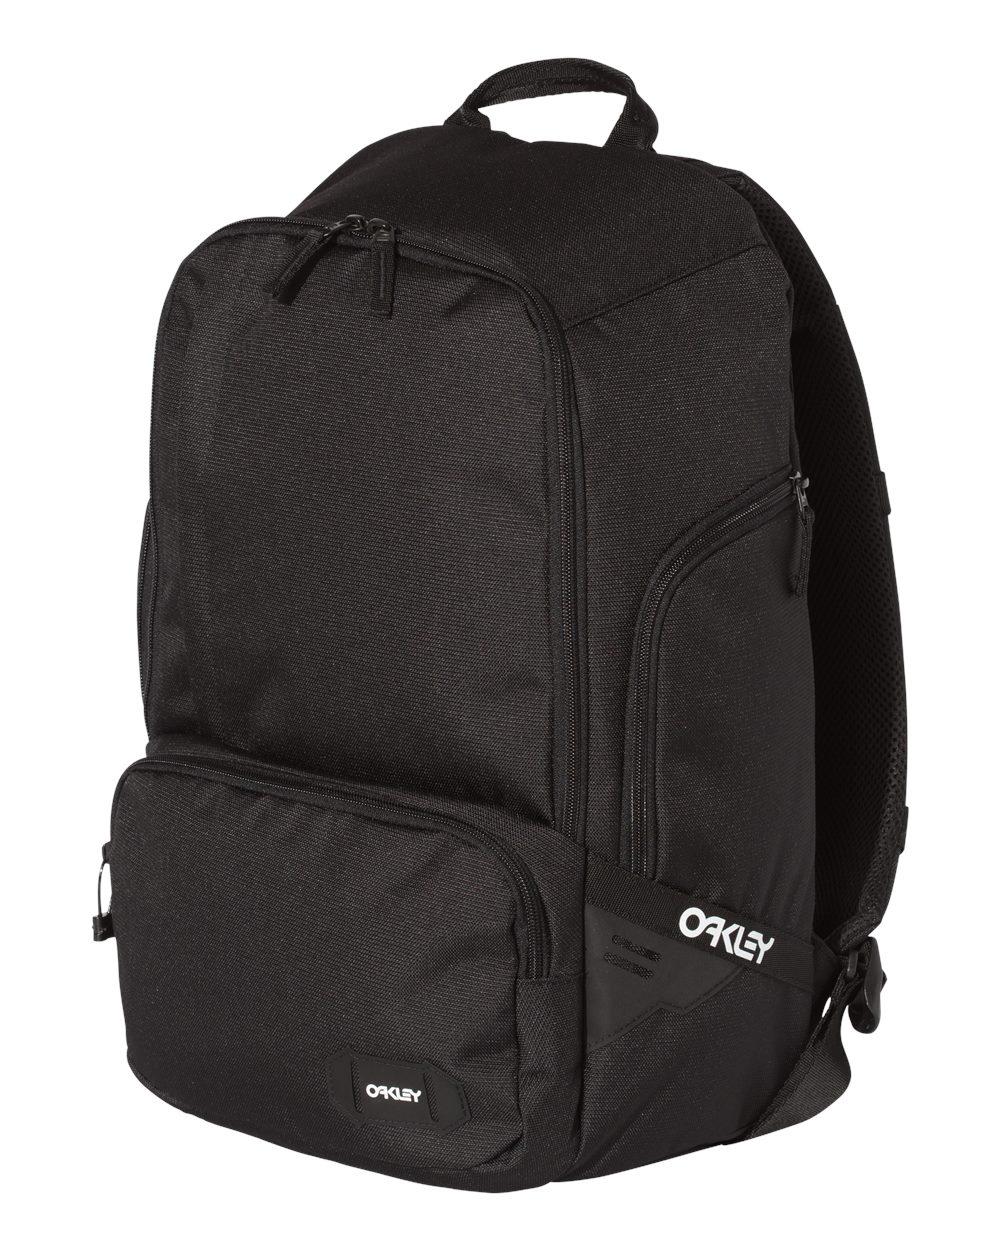 Oakley 921425ODM - 22L Street Organizing Backpack